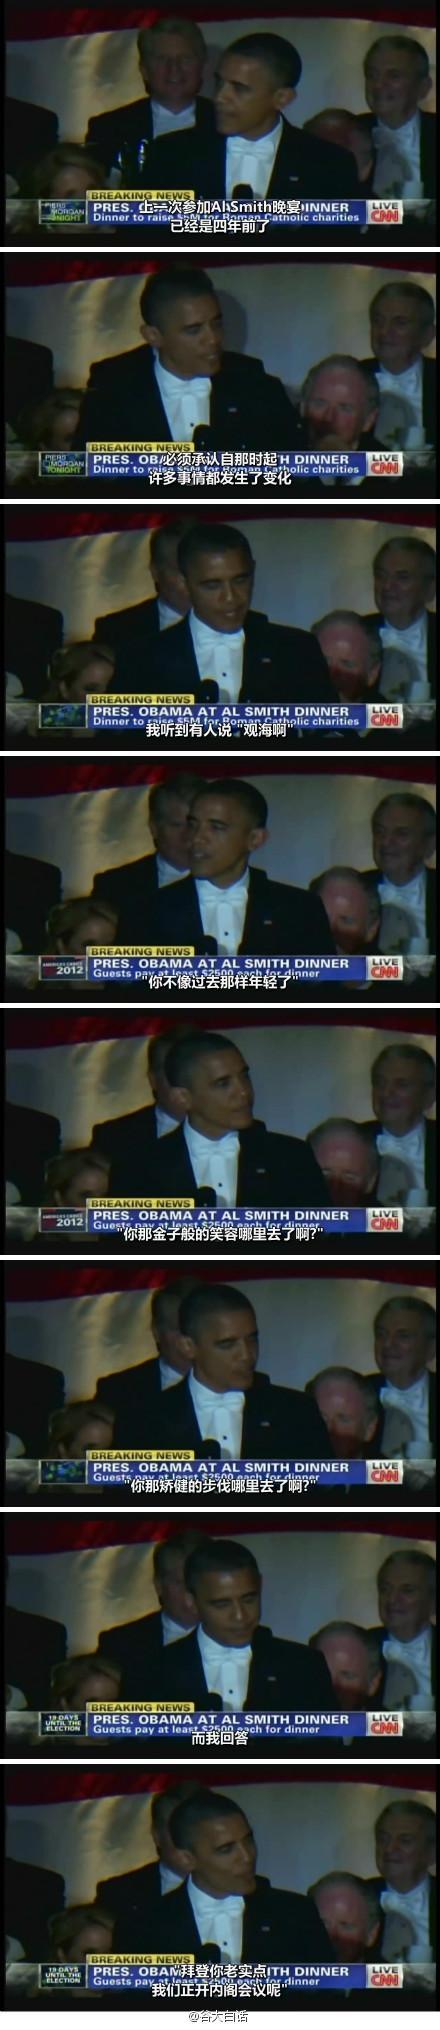 美国总统奥巴马参加Al Smith晚宴登台讲笑话自嘲在首场辩论中的糟糕表现